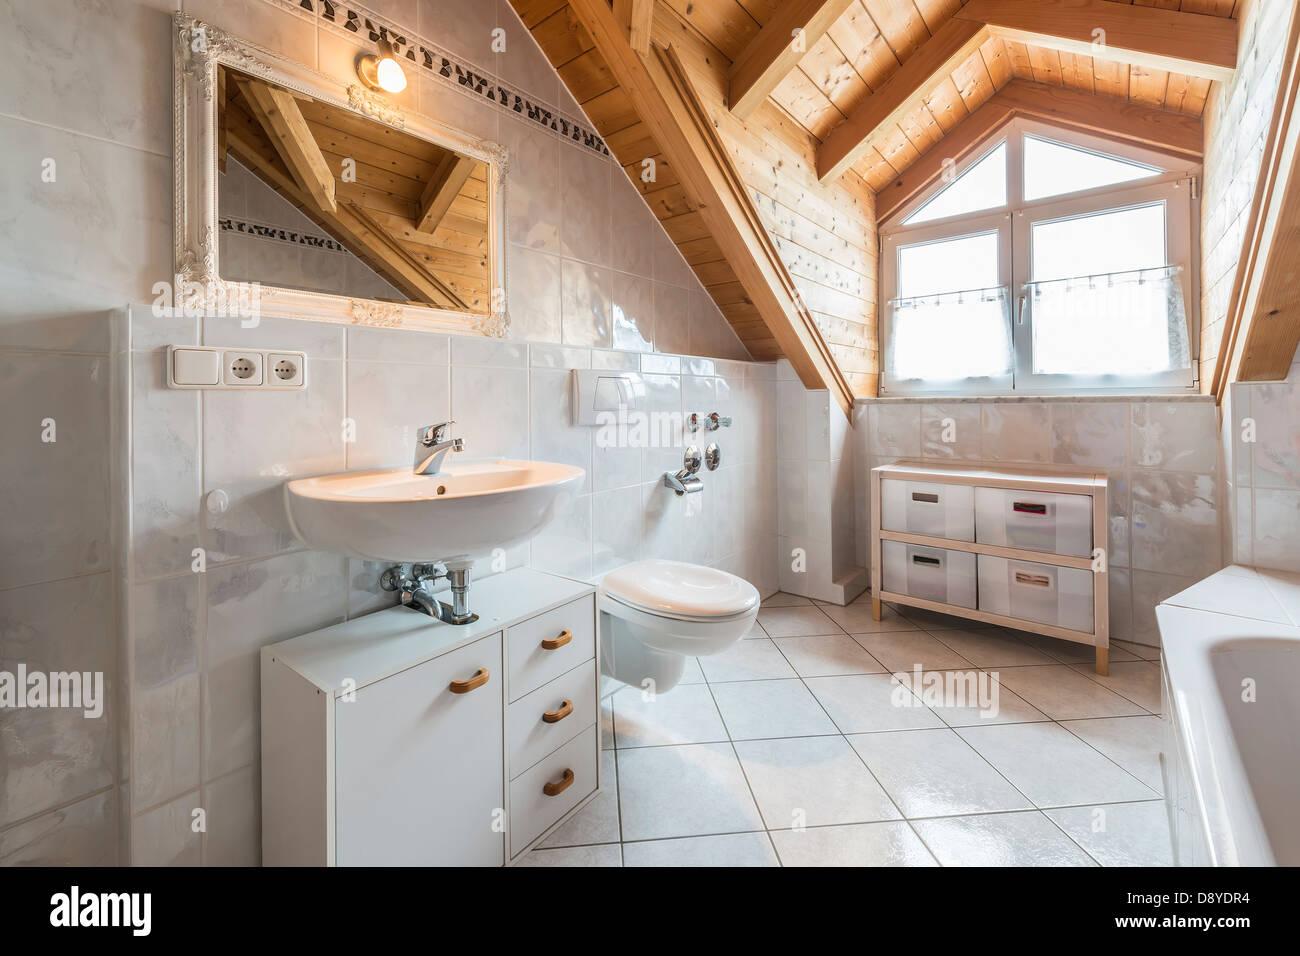 Cuarto de baño de un apartamento en el ático con lavabo, espejo, luz, ventana, inodoro, bañera, armarios Imagen De Stock